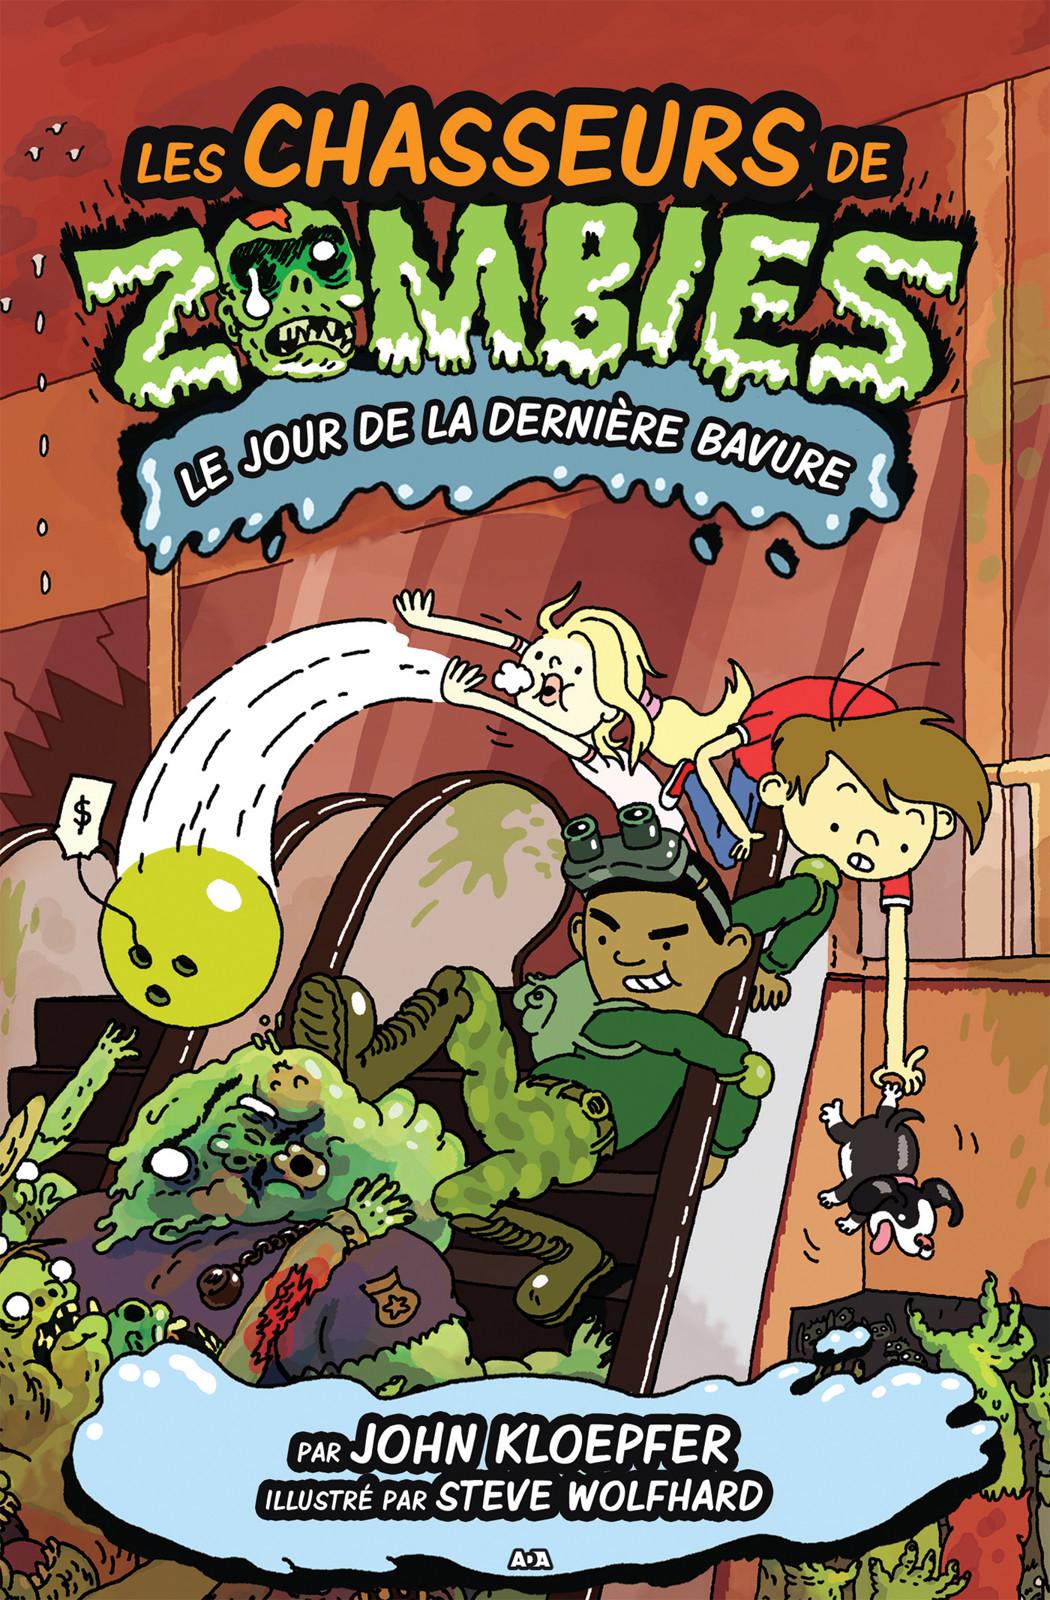 Les chasseurs de zombies